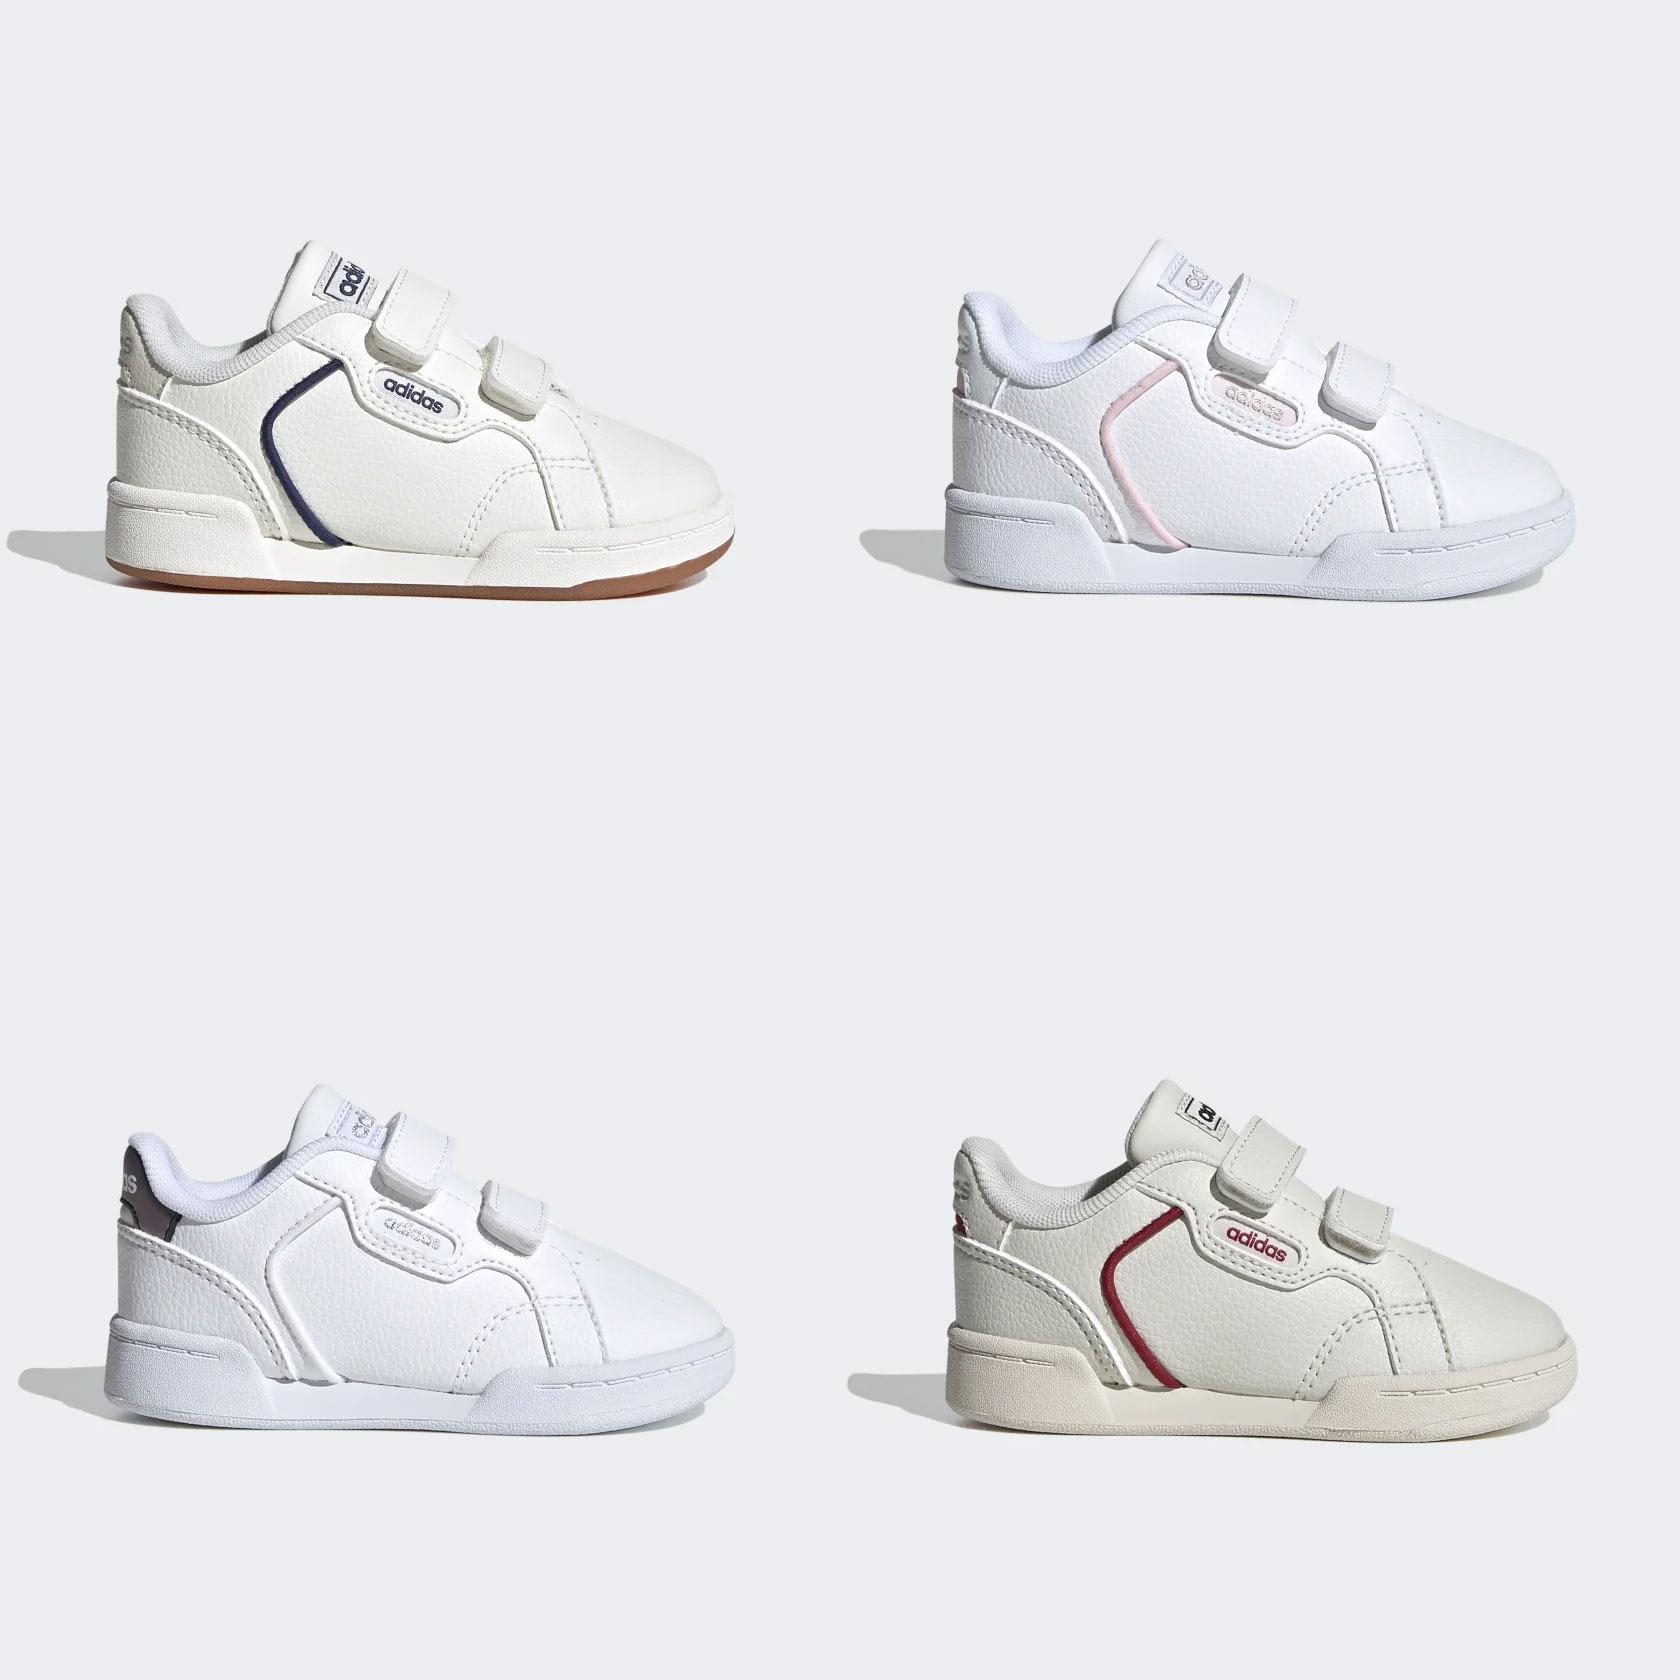 adidas Roguera sneakertjes nu 20% EXTRA korting